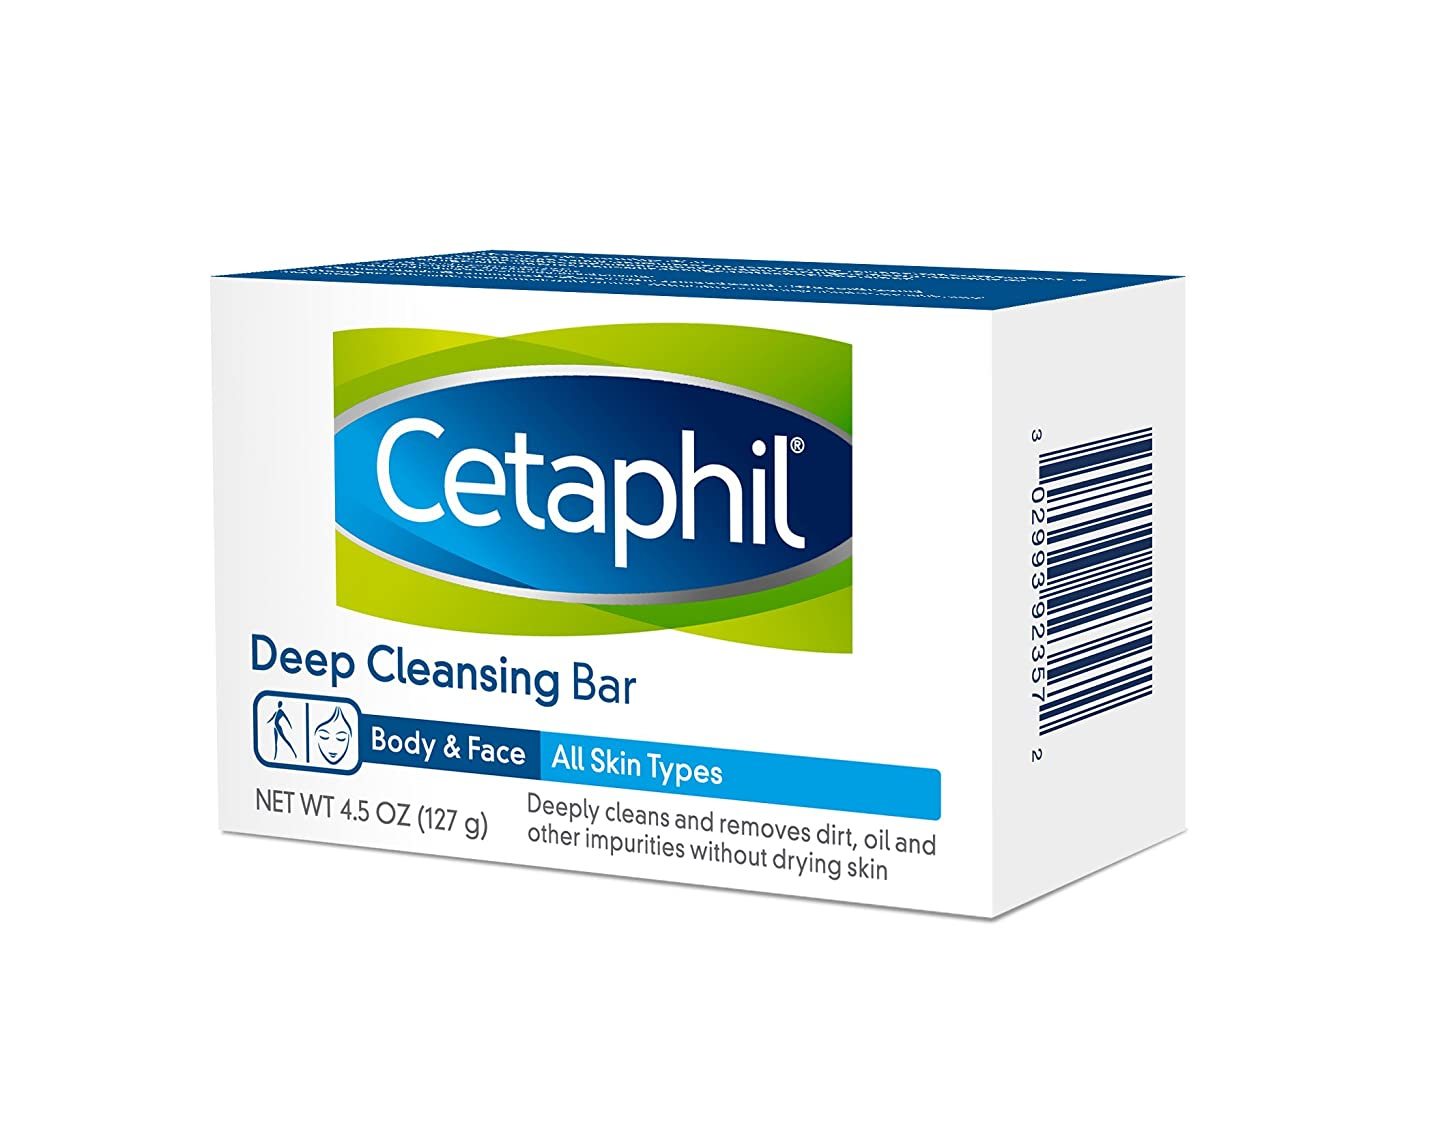 告発うめき声いとこCetaphil Deep Cleansing Face Body Bar for All Skin Types 127g×6個セット 並行輸入品